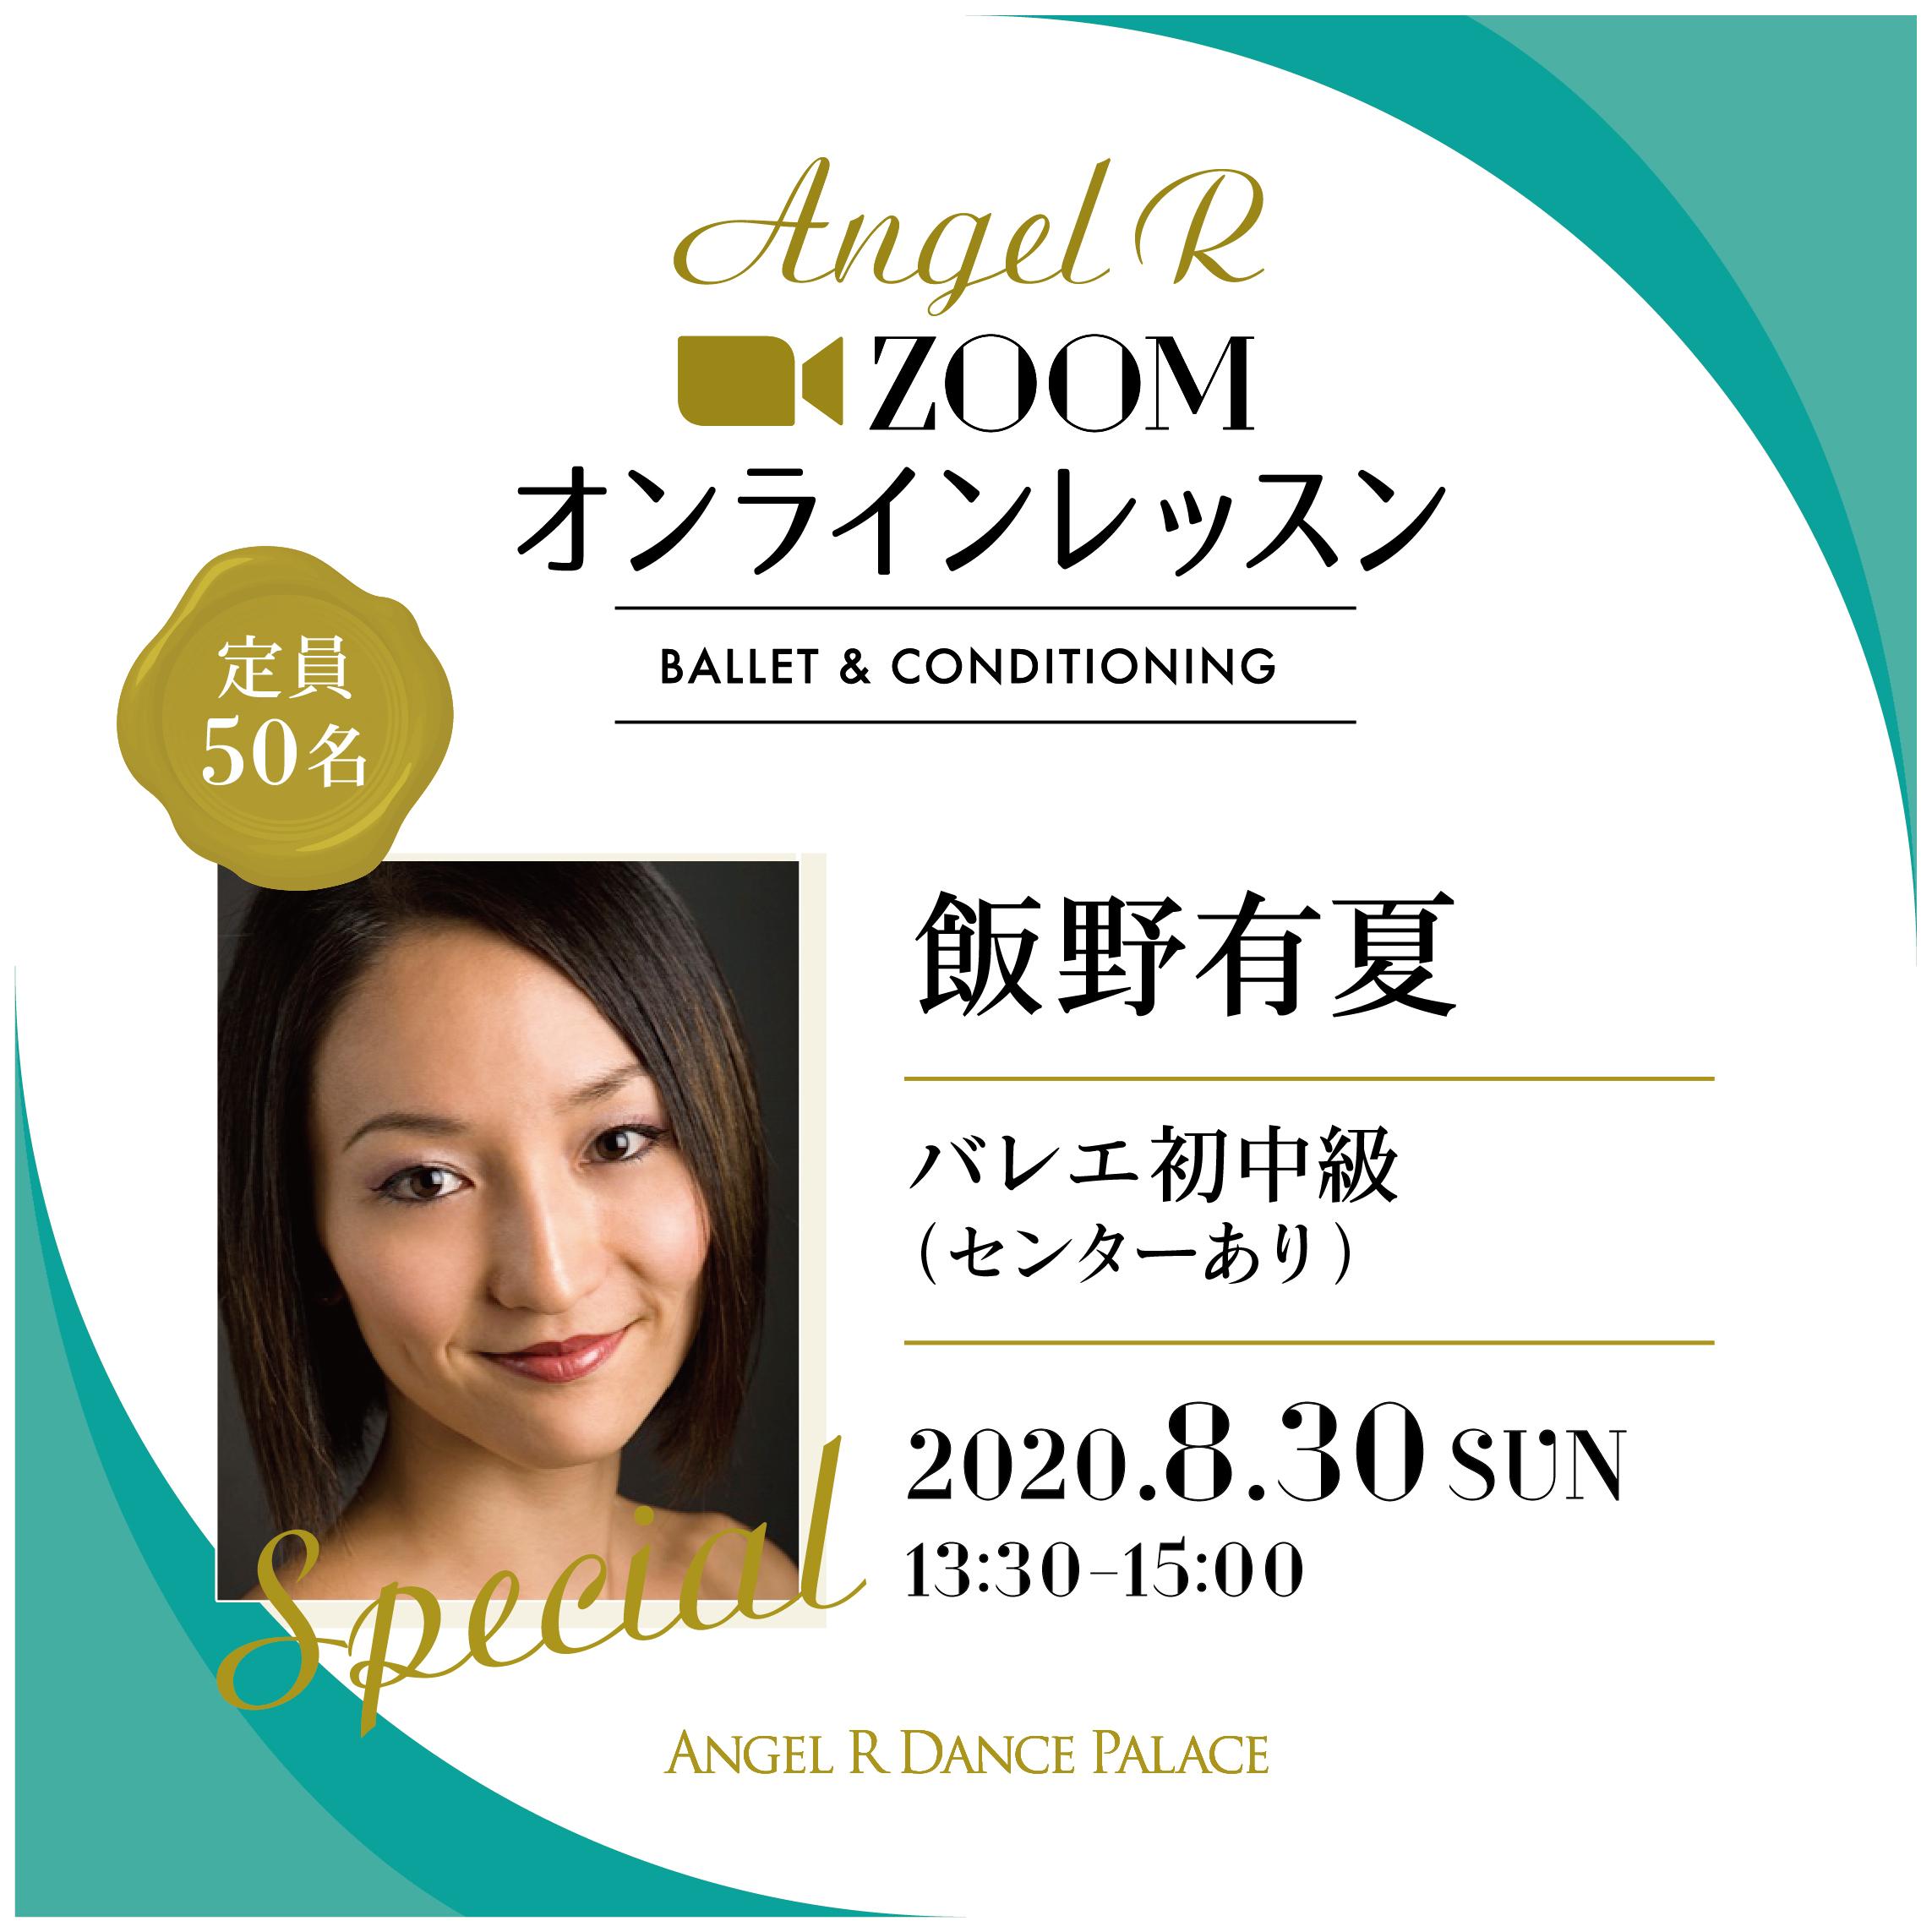 A_ZOOMOL_SNS_yukaiino_830-03